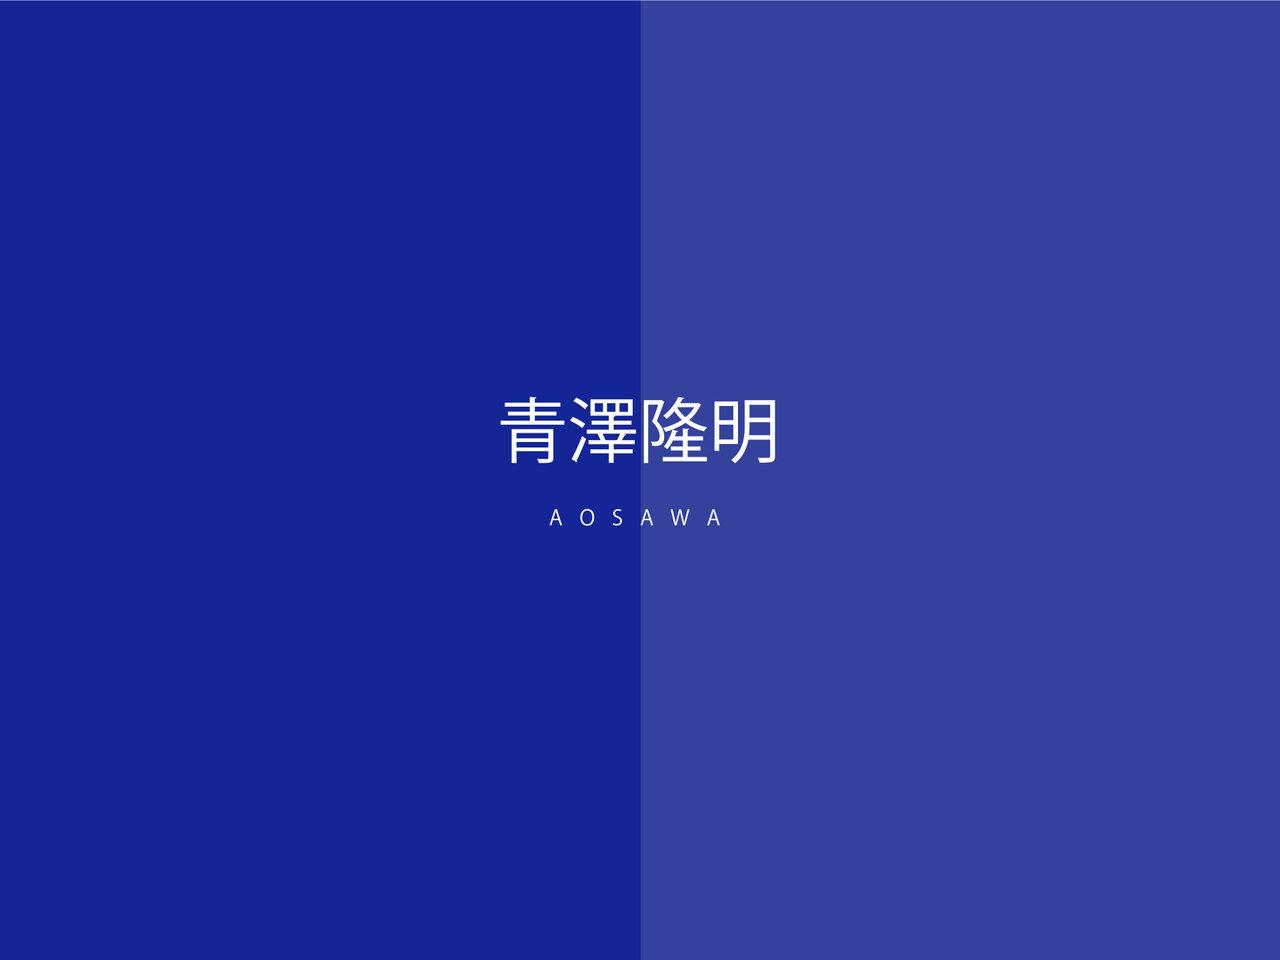 ひしゃげた英雄のポロネーズ -ドアーズとショパン (青澤隆明)